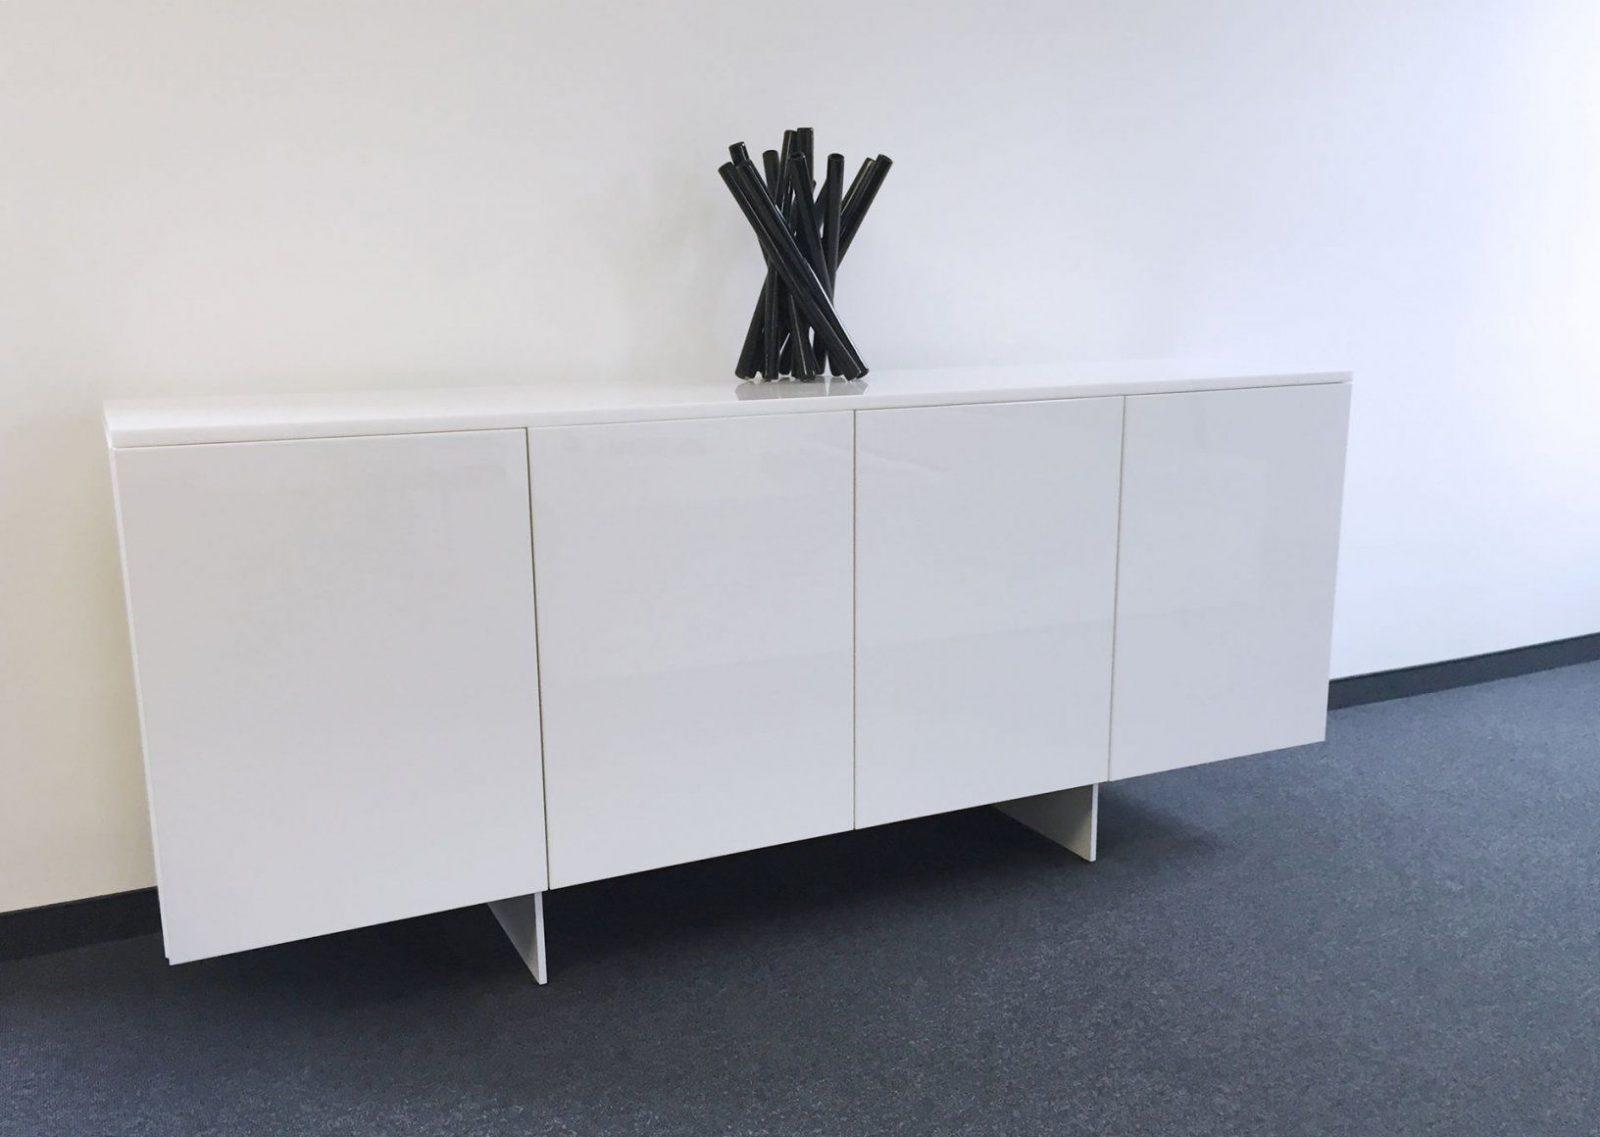 Highboard Auxilium Luxus Design Von Rechteck Kommode Weis Antik von Eck Sideboard Weiß Hochglanz Photo